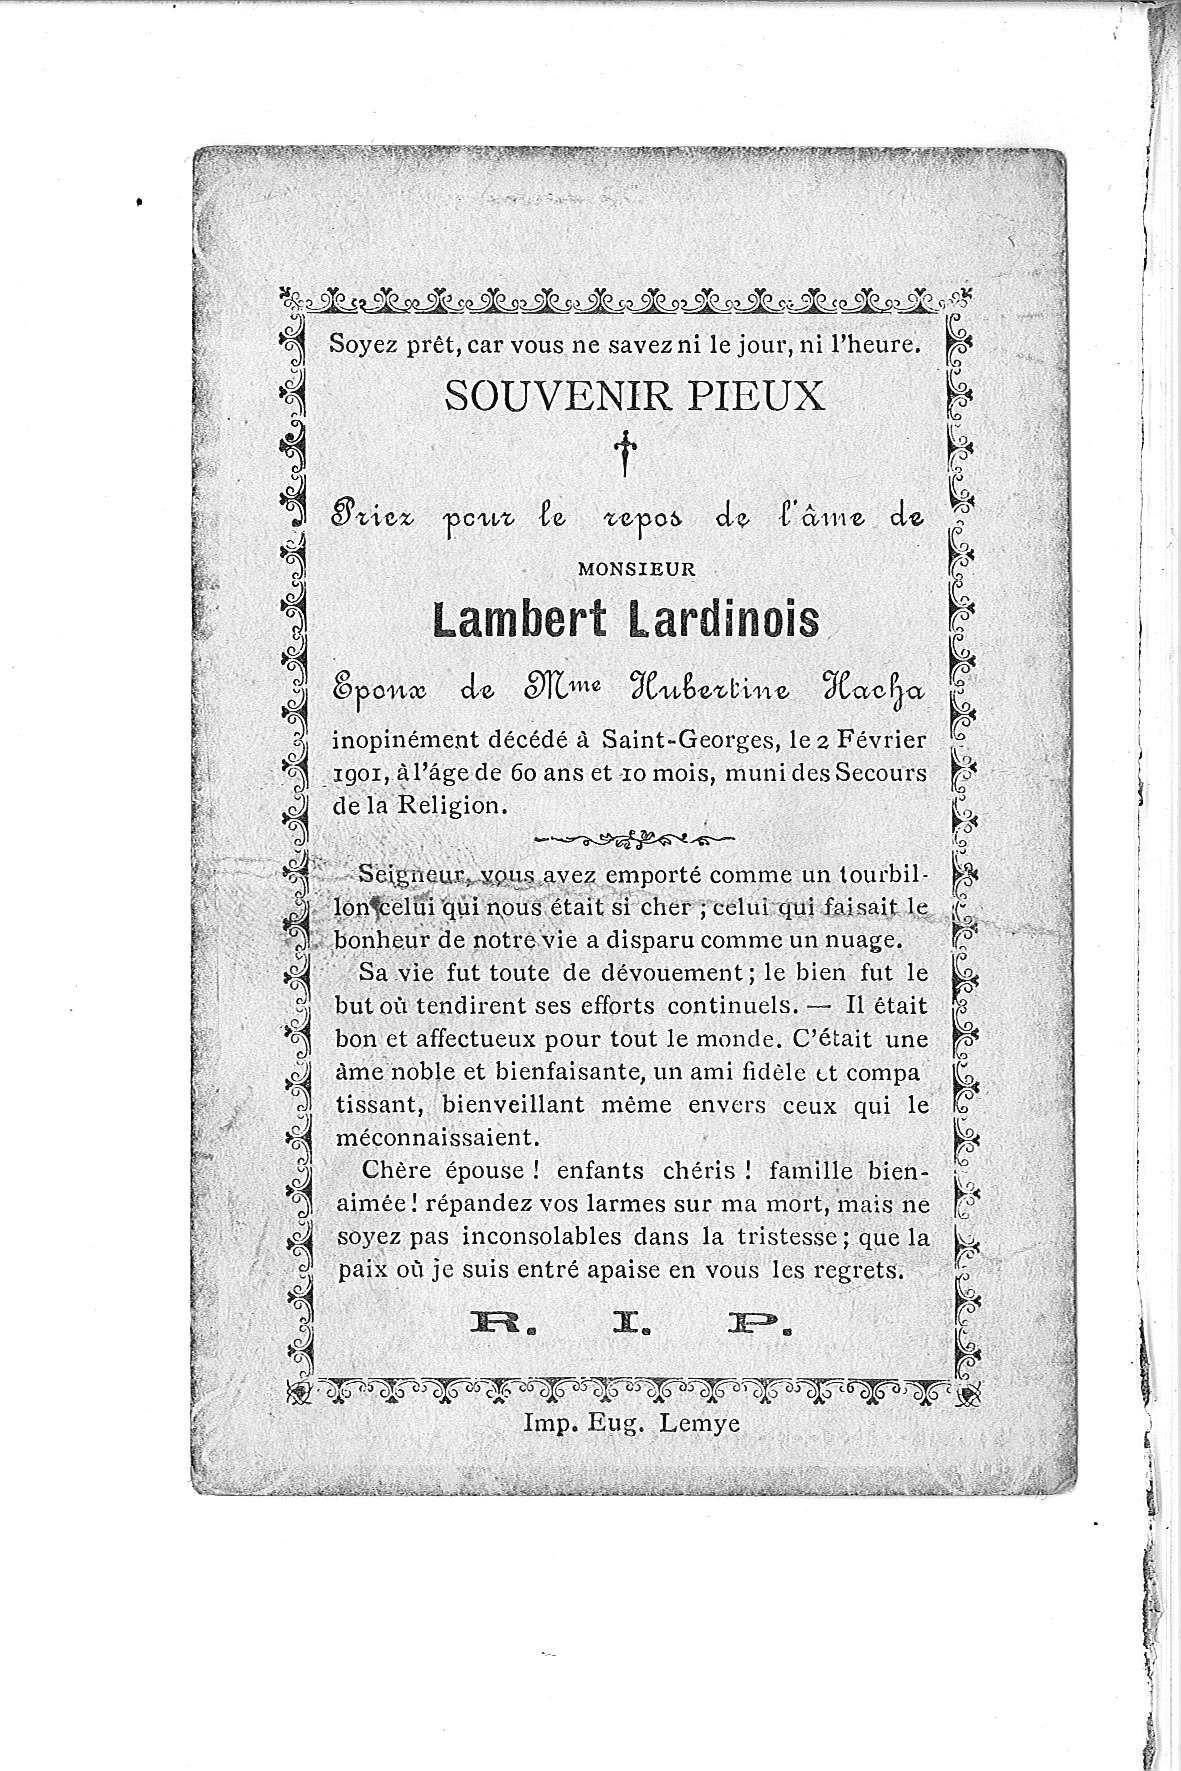 Lambert(1901)20111004135518_00030.jpg